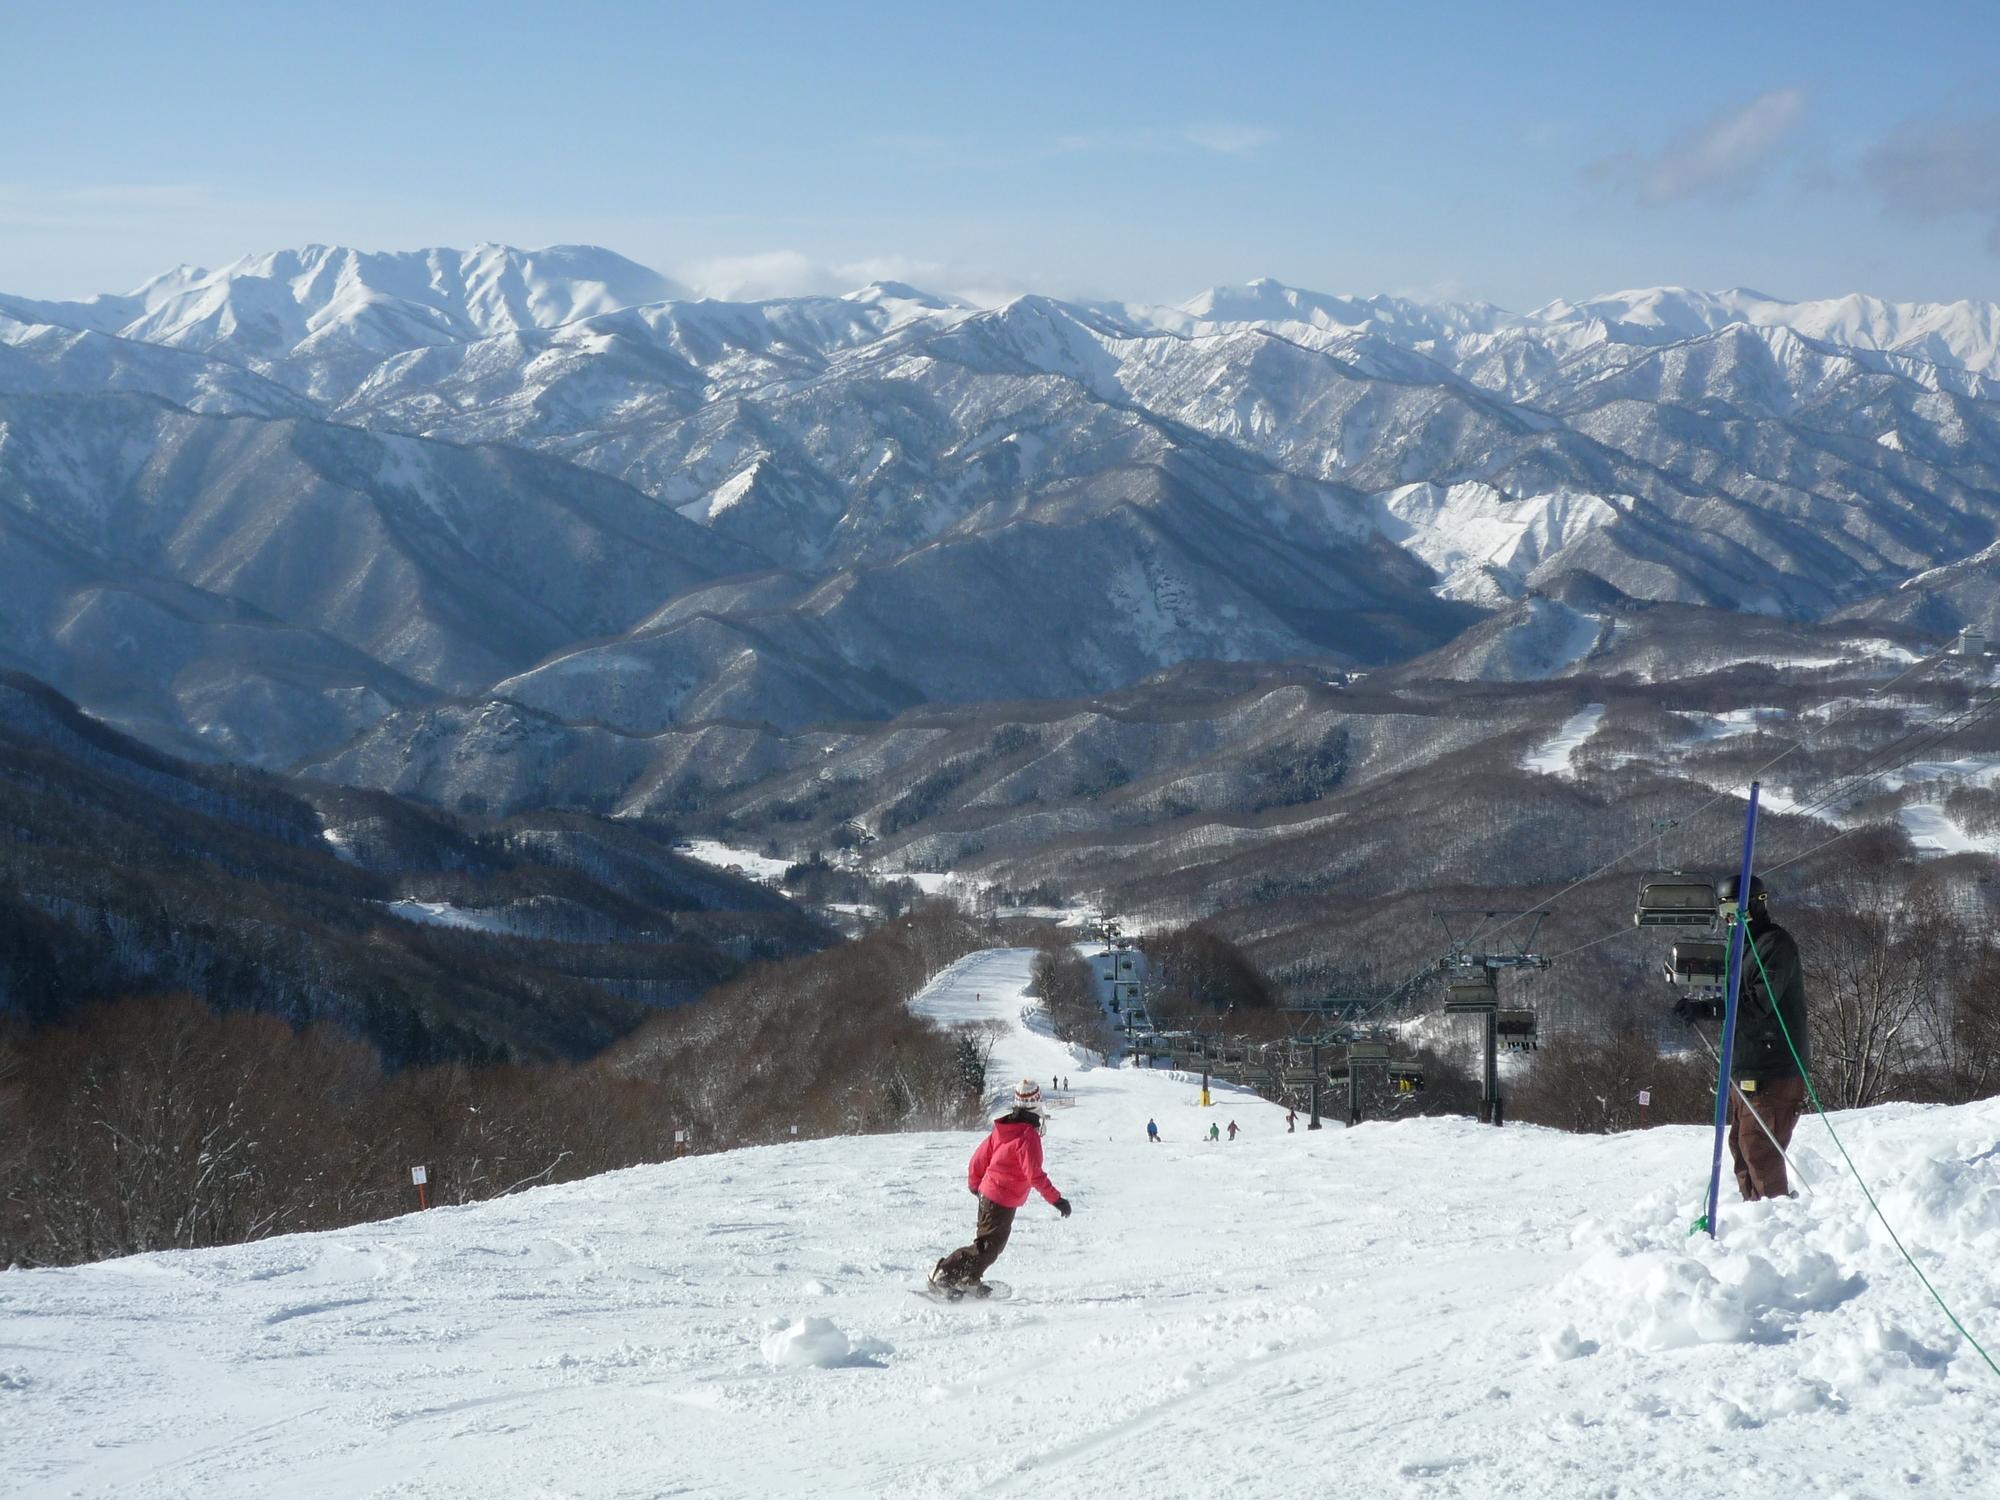 群馬県(水上・尾瀬・万座など)住み込みスキー場リゾートバイト求人案内